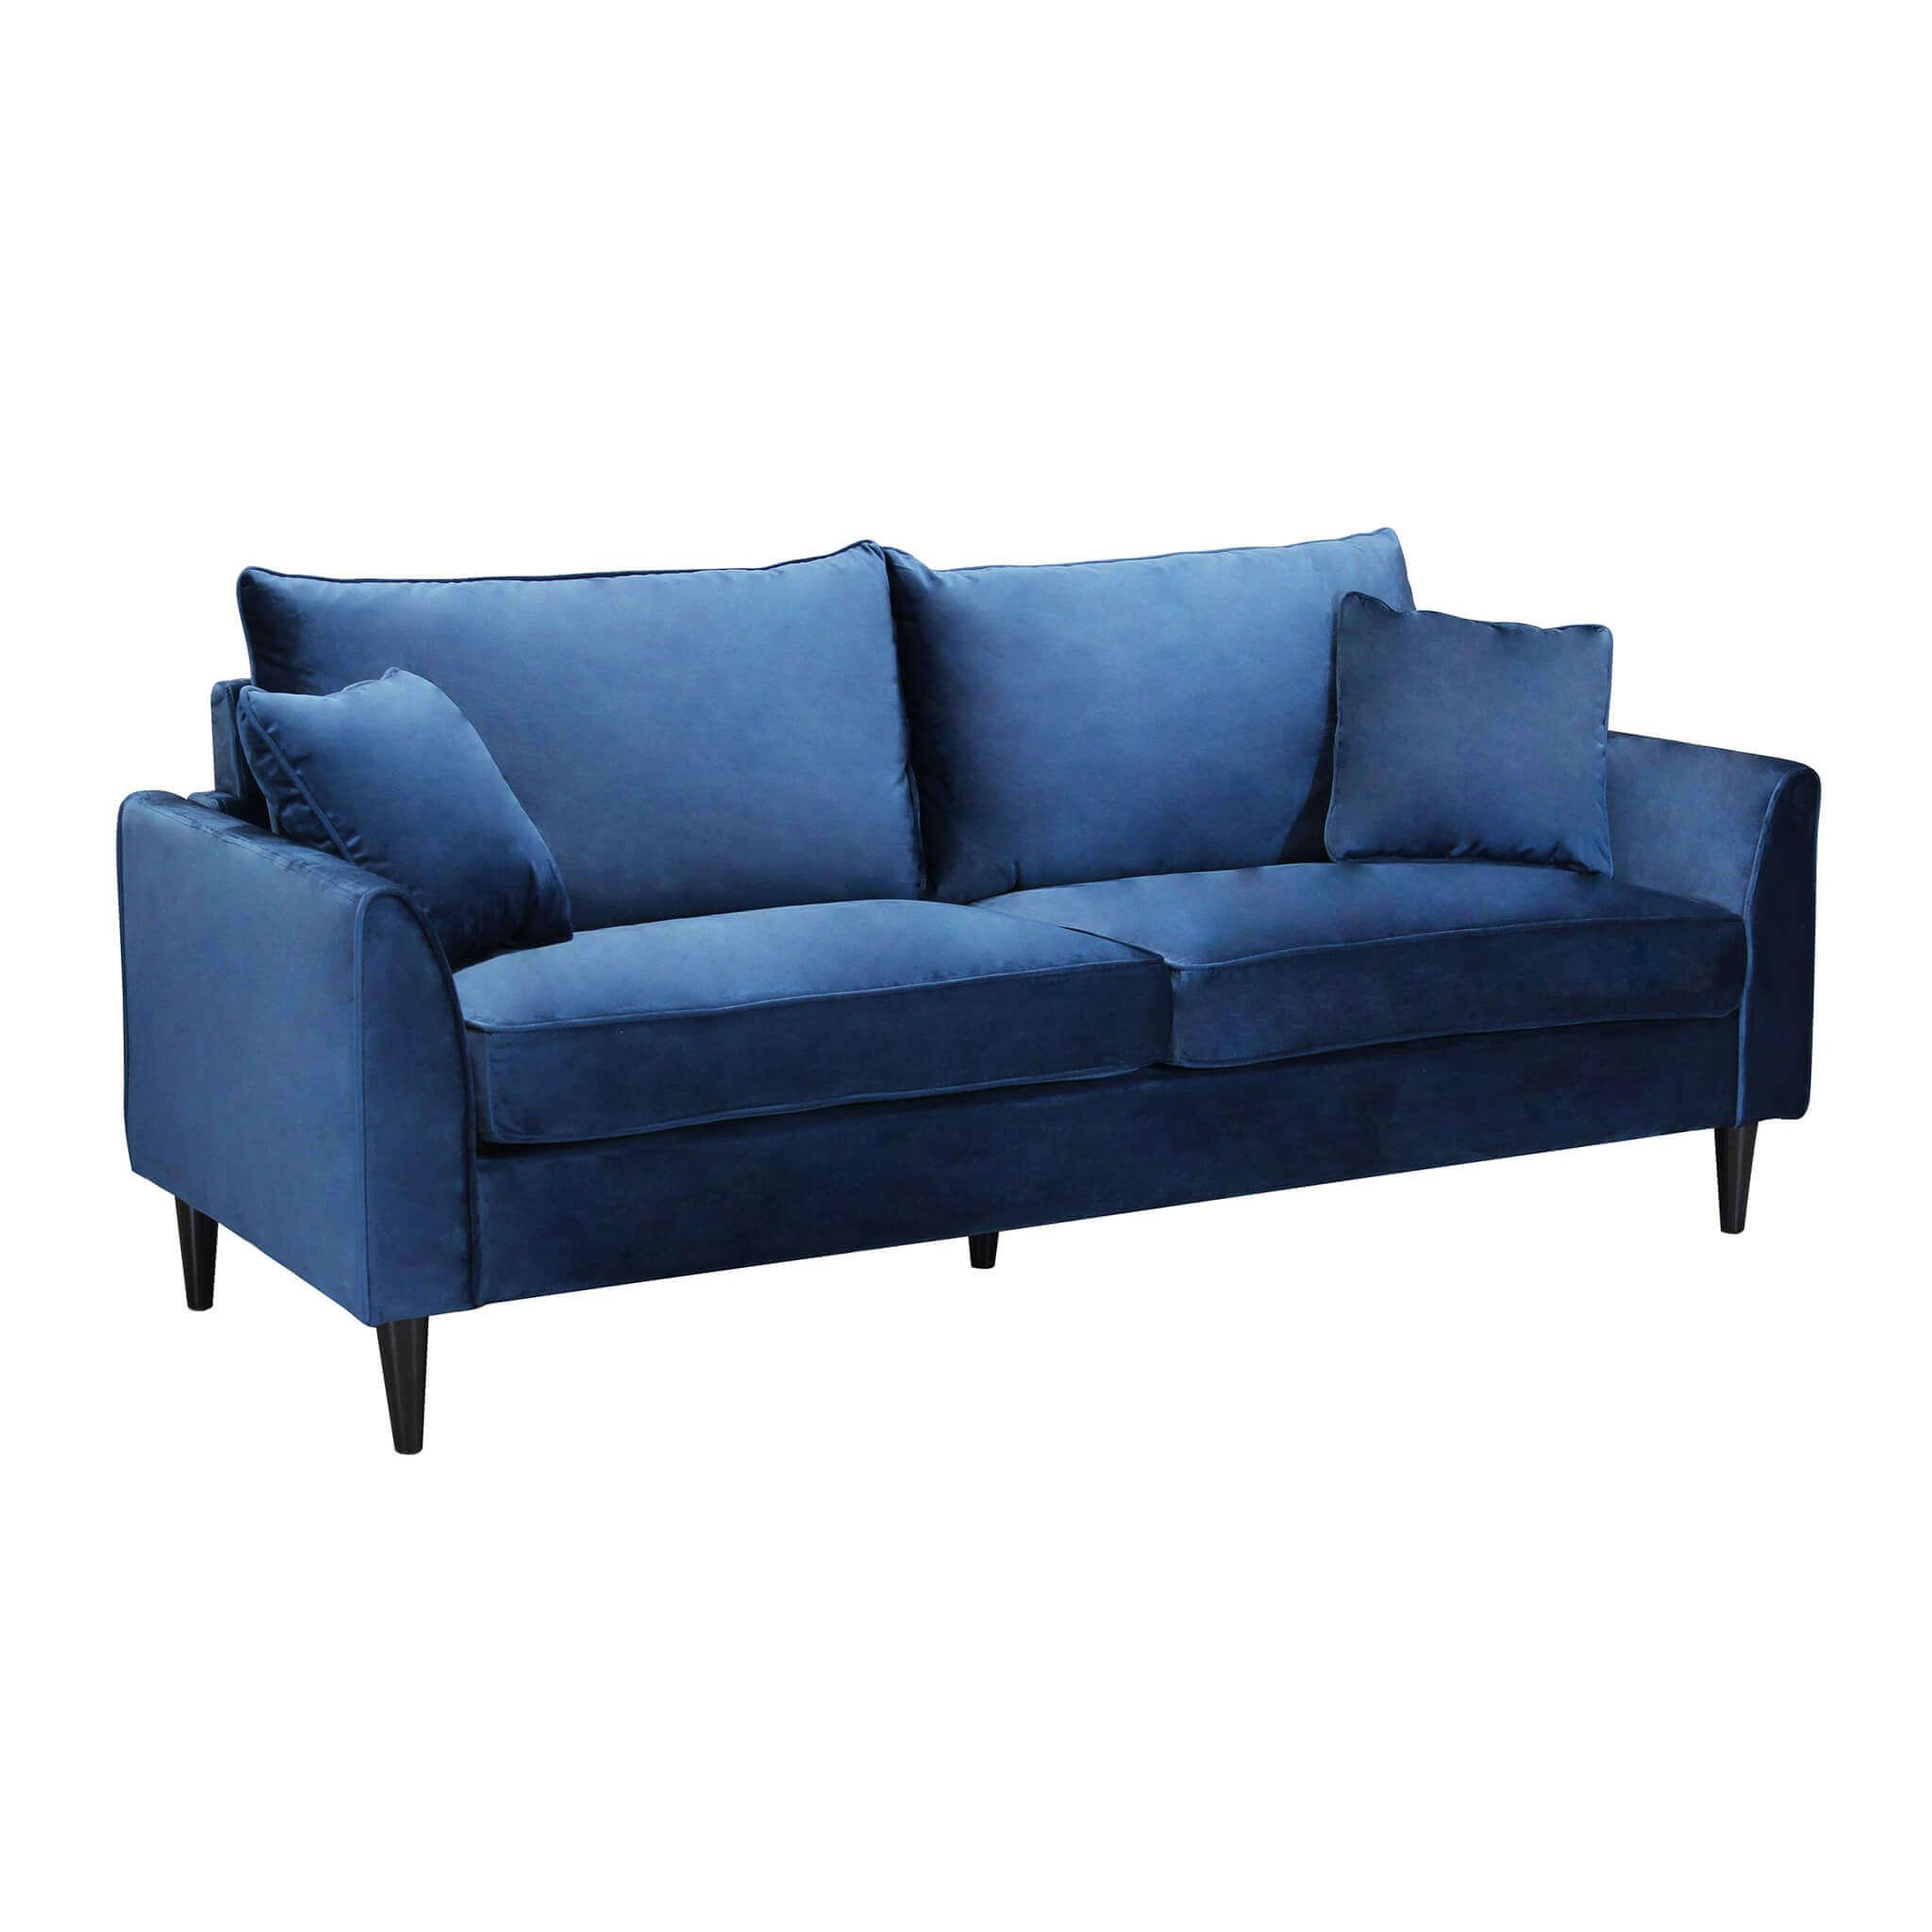 Milani Home VELVET - divano in velluto tre posti